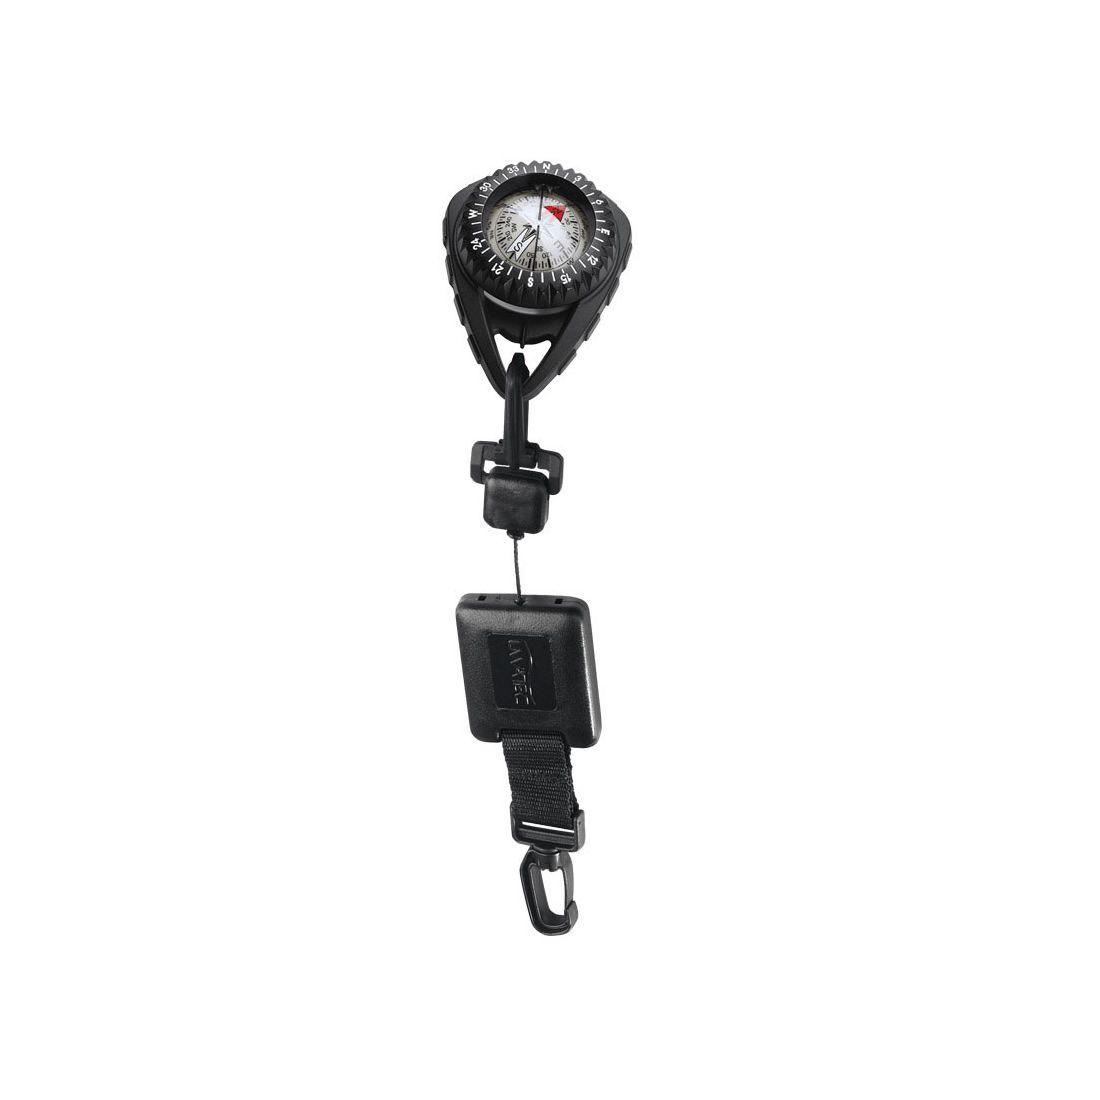 ScubaPro Scuba Diving Instrument Compass FS-2 Wrist